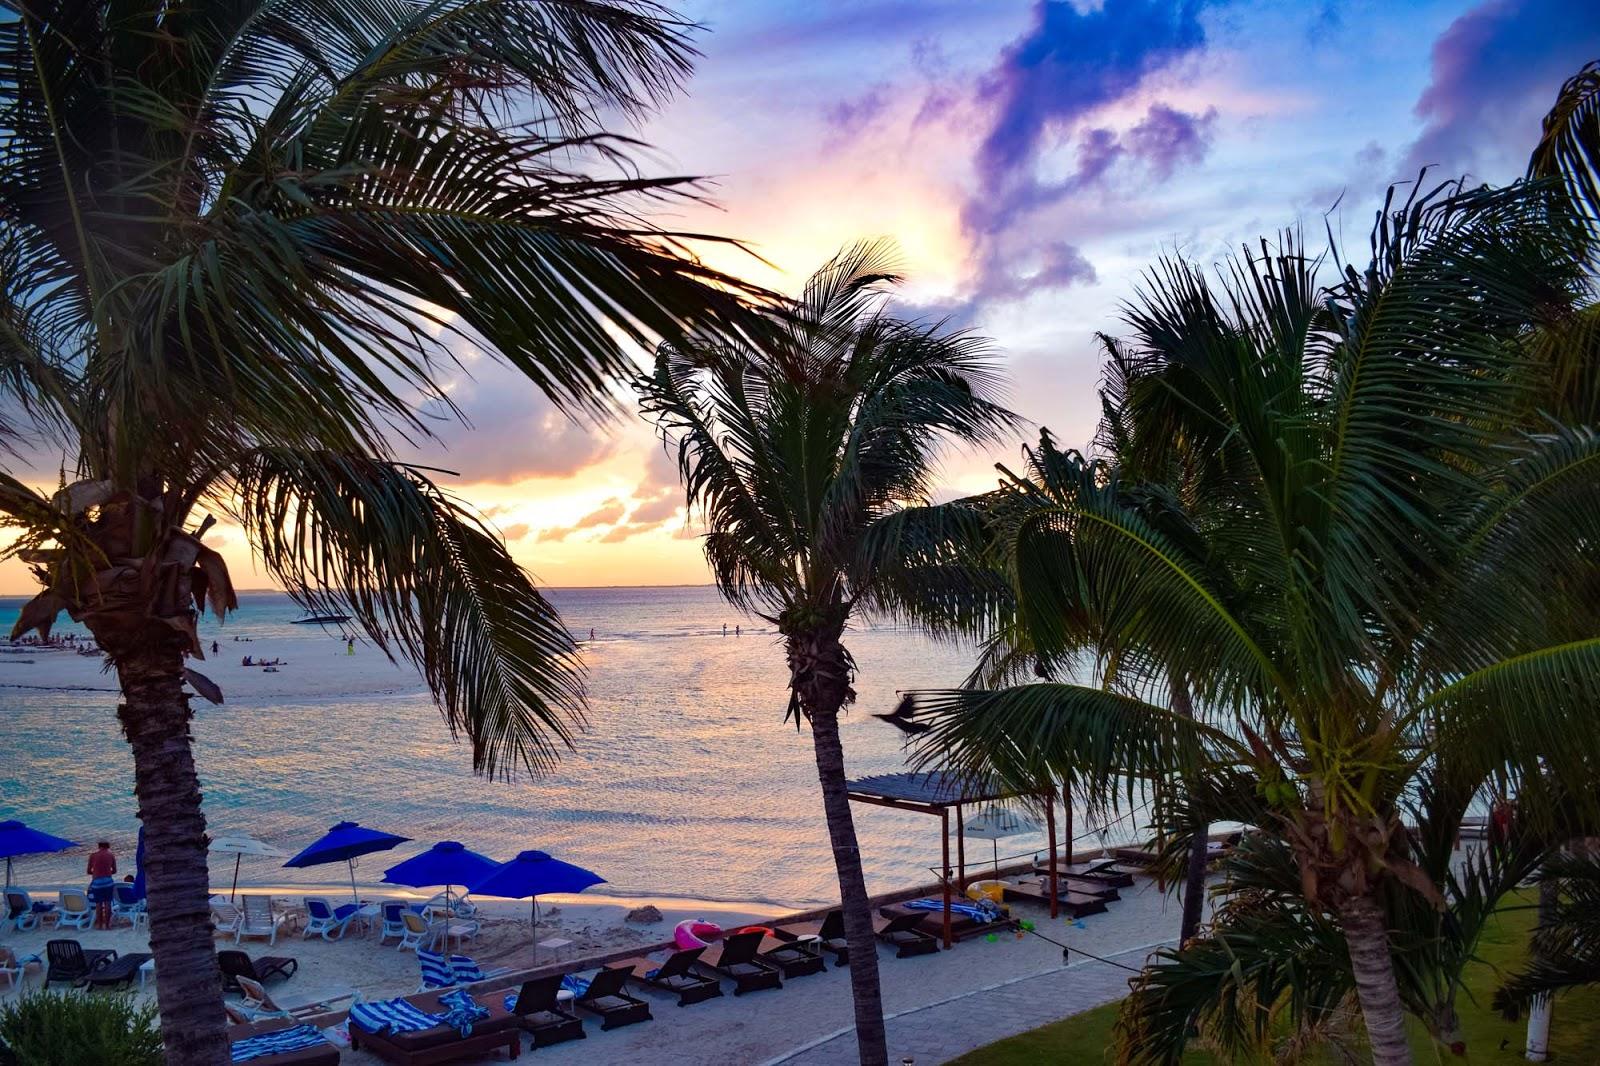 sunset island mujeres